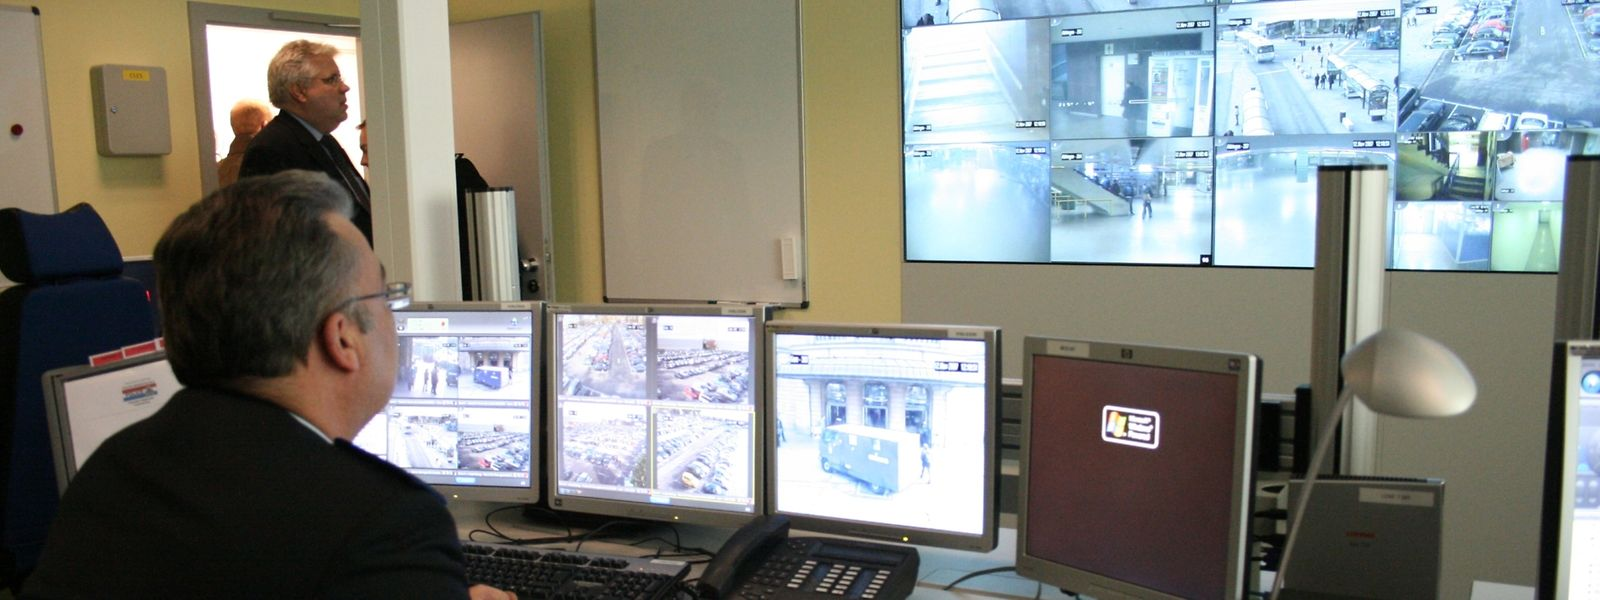 Mehr Überwachungskameras sollen das Bahnhofsviertel sicherer machen.